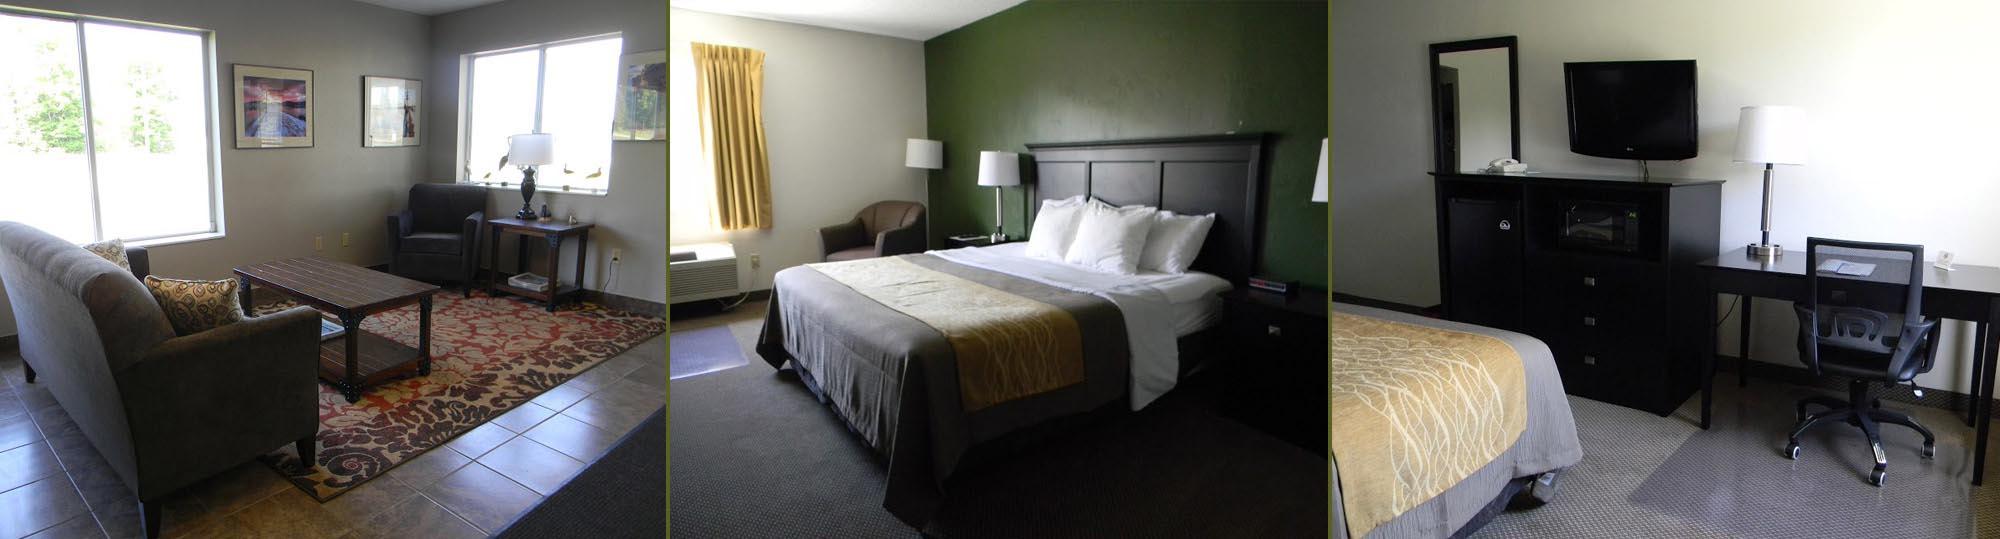 Boarders Inn & Suites Munising